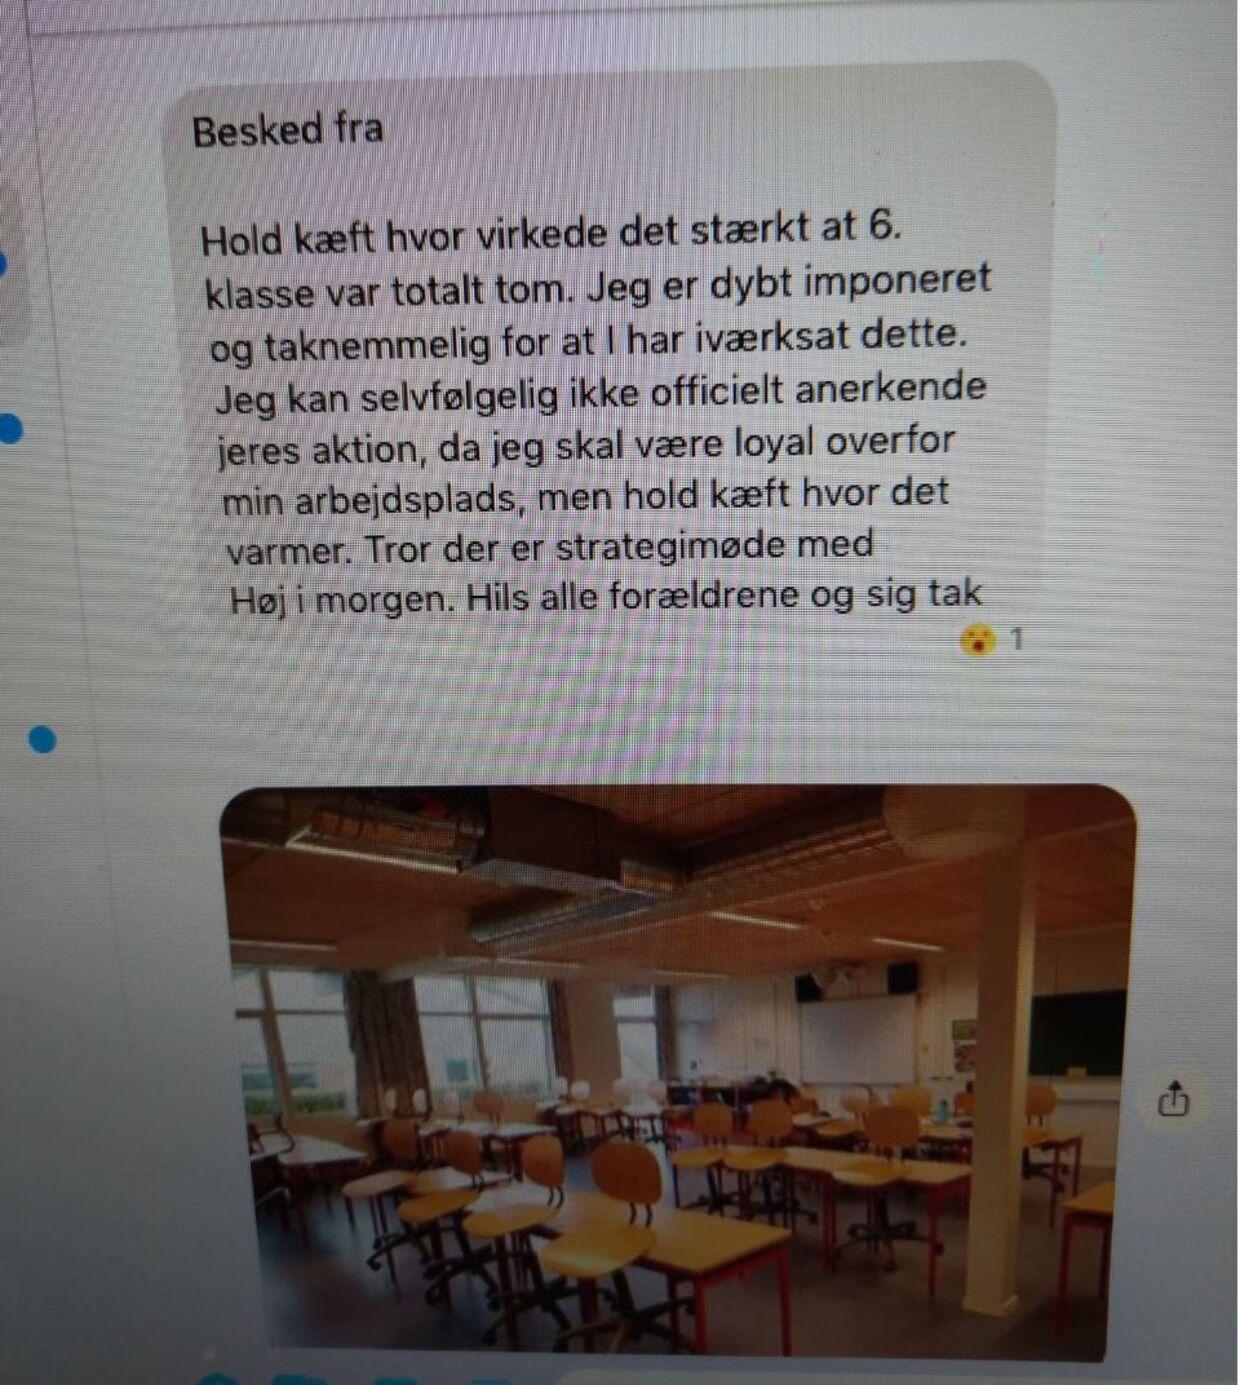 Besked fra læreren i gruppen, hvor klassens forældre aftaler at holde deres børn hjemme.